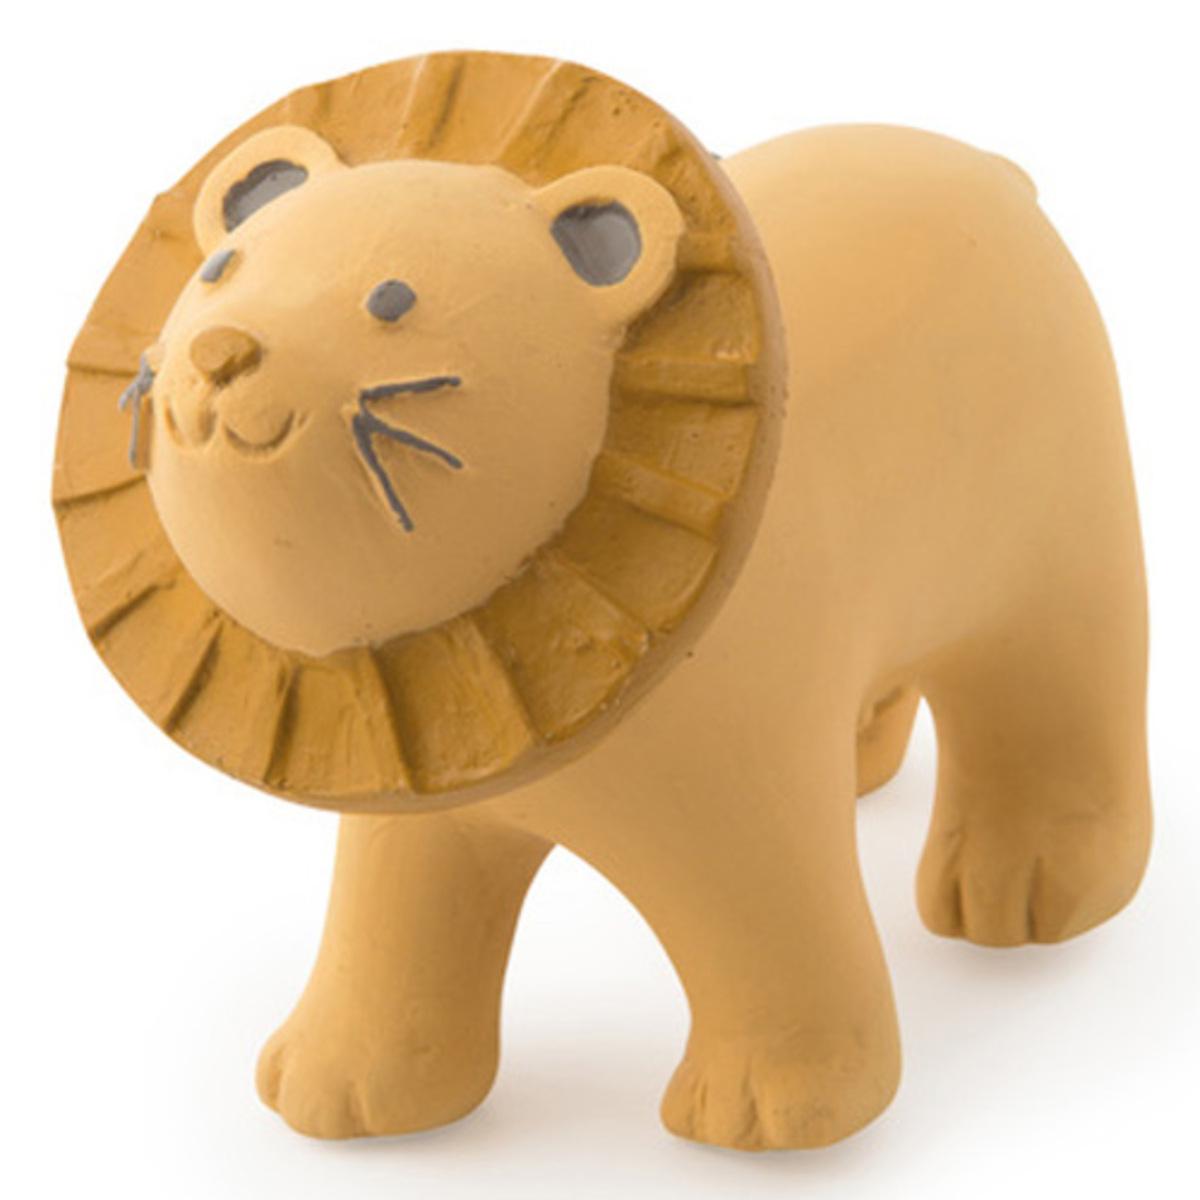 Dentition Jouet de Dentition Sous mon Baobab - Lion Jouet de Dentition Sous mon Baobab - Lion